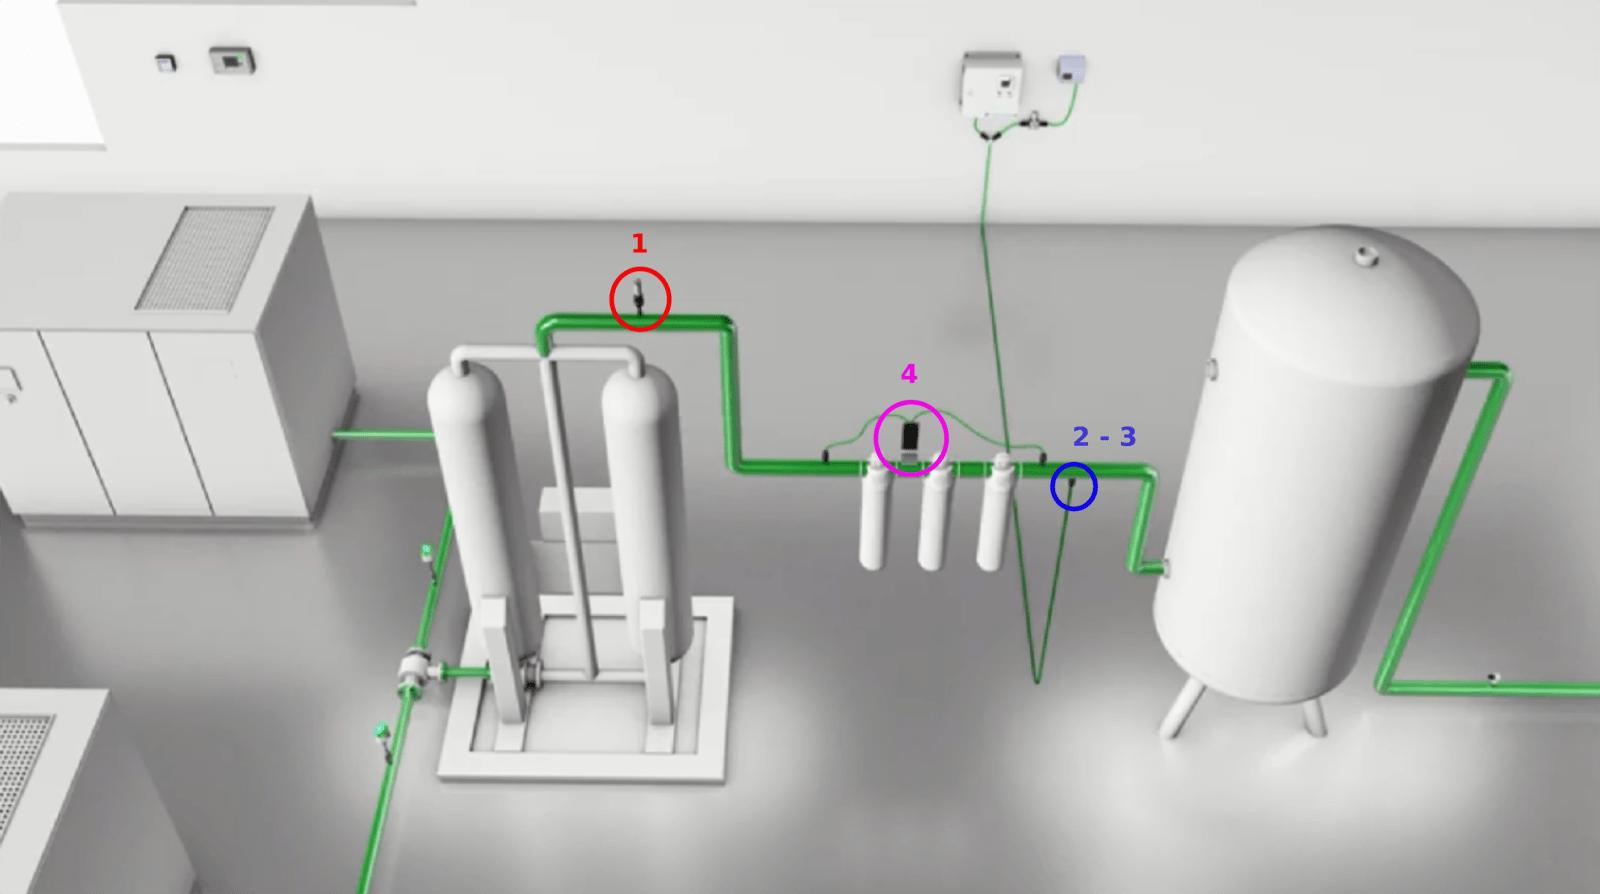 Puncte masura calitate aer comprimat_sistem monitorizare instalatie aer comprimat BlueMonitor